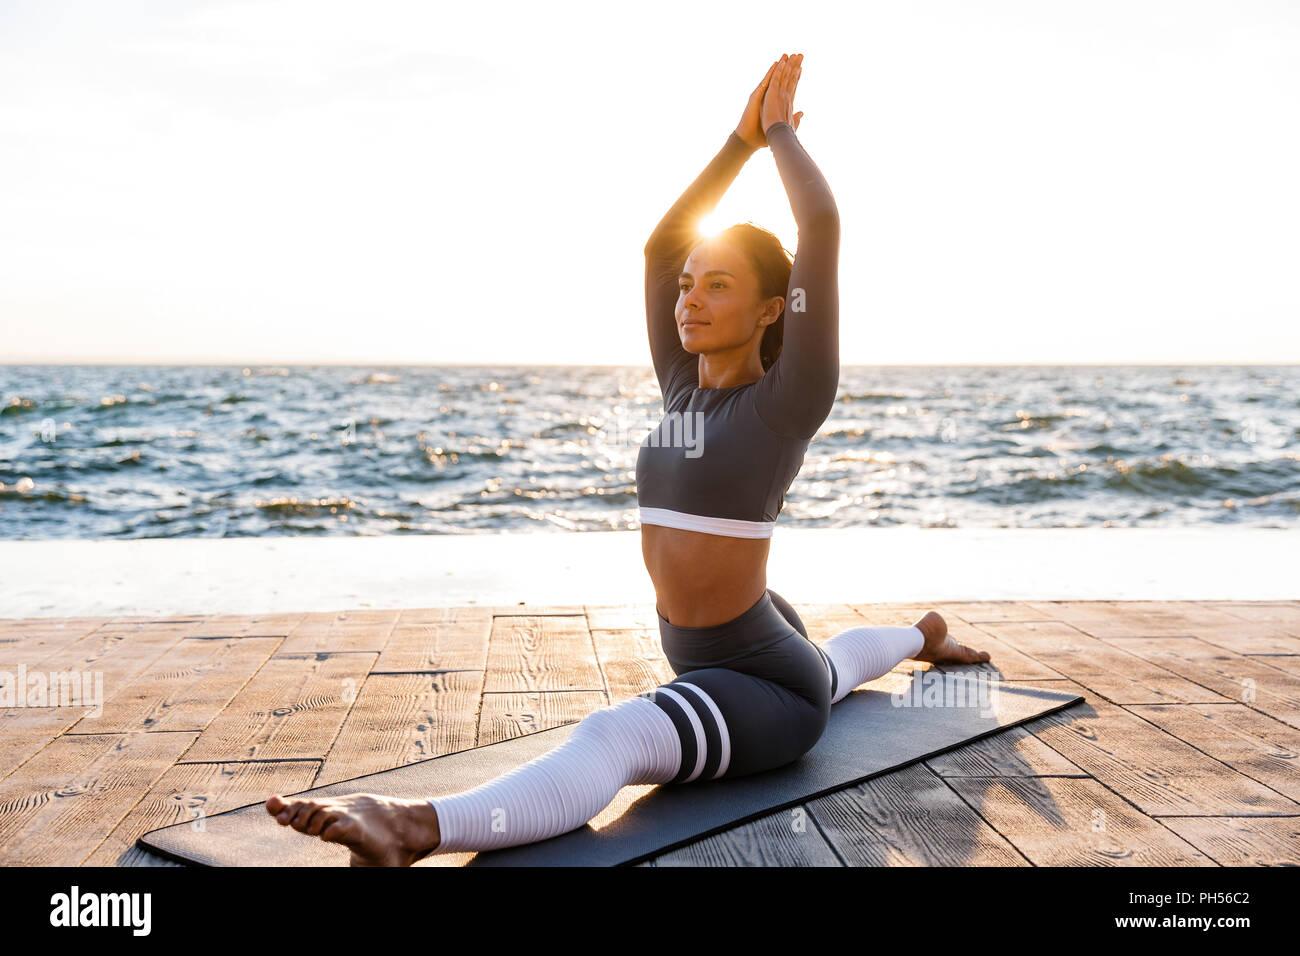 Bild von konzentrierten jungen fitness Frau draußen in den Strand Yoga machen Dehnübungen. Stockbild